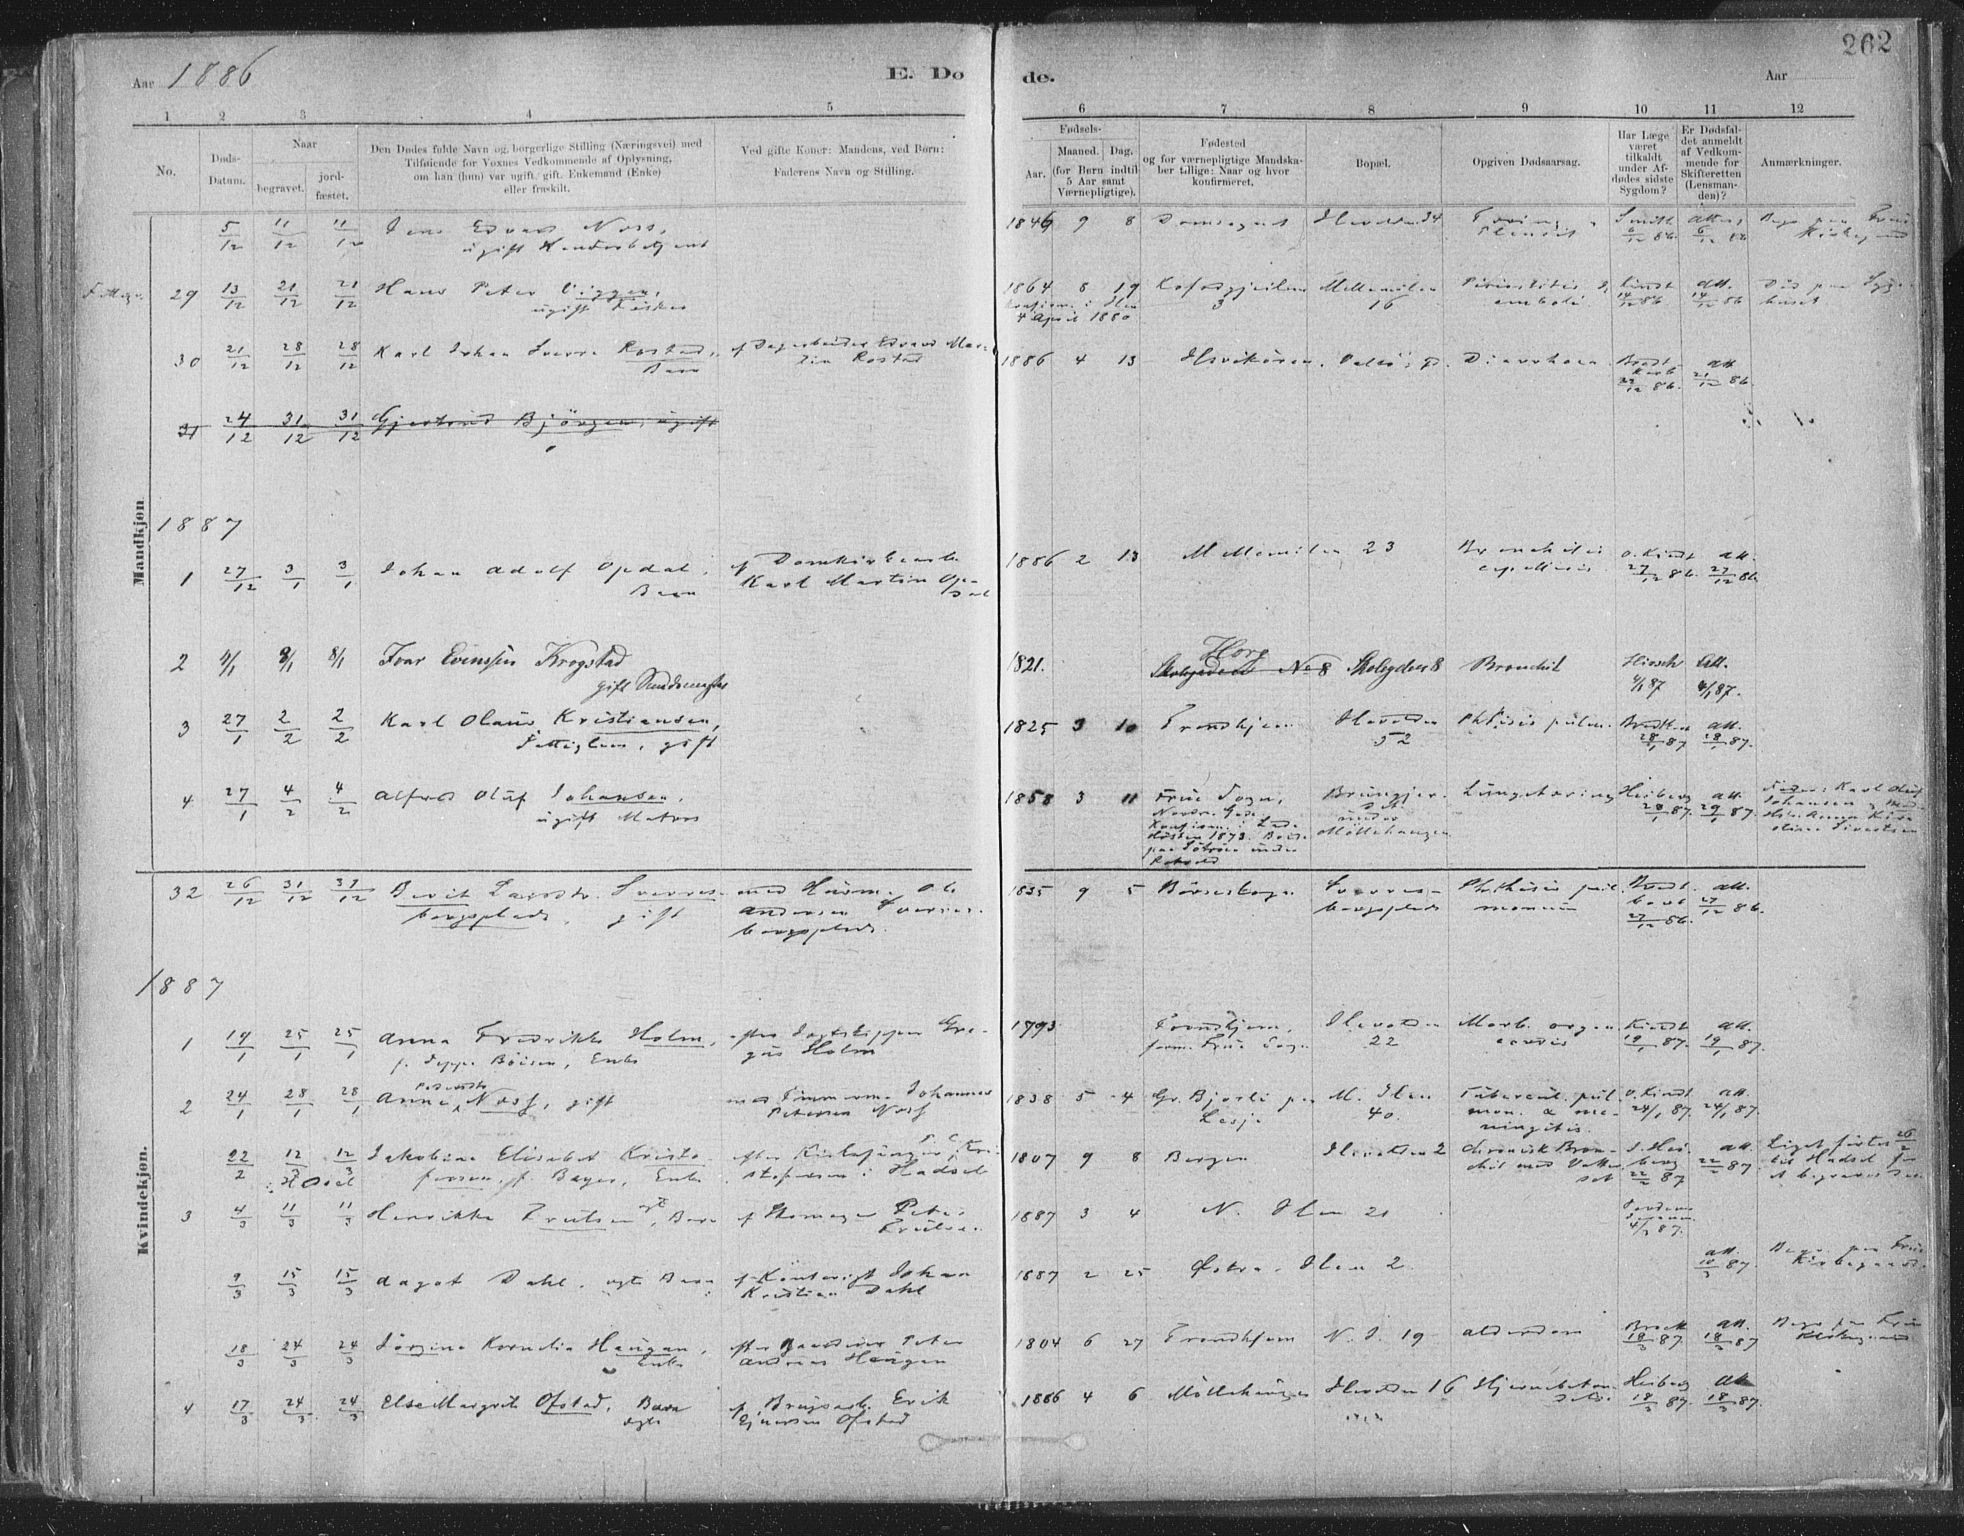 SAT, Ministerialprotokoller, klokkerbøker og fødselsregistre - Sør-Trøndelag, 603/L0162: Ministerialbok nr. 603A01, 1879-1895, s. 262